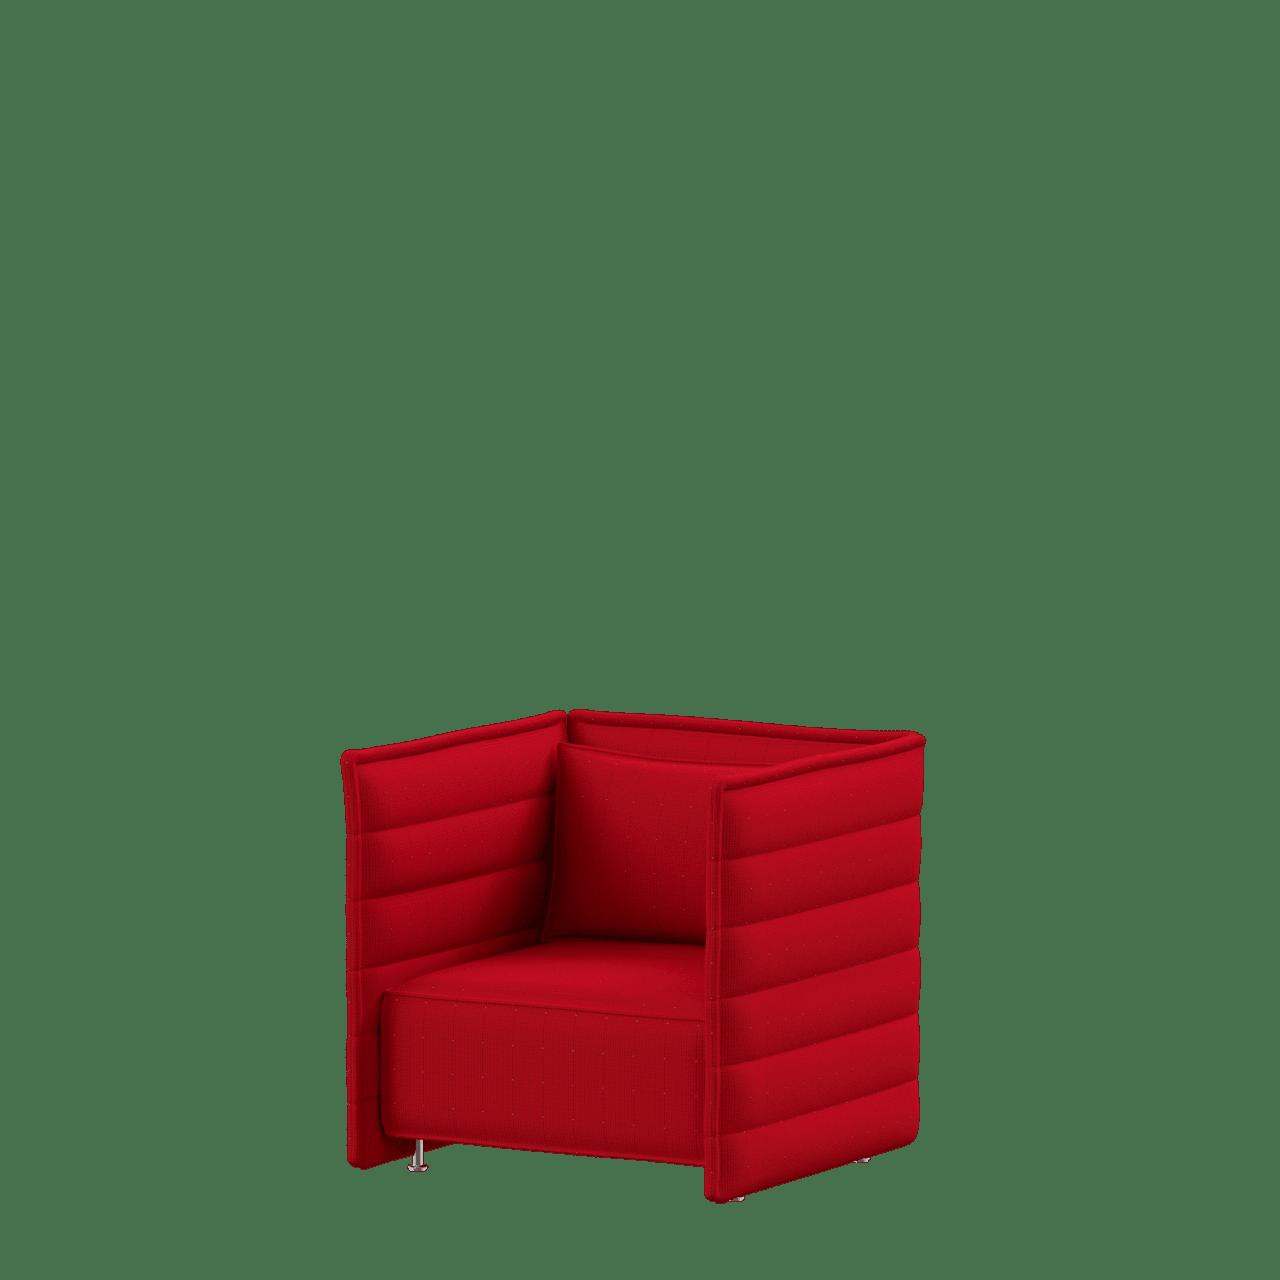 Alcove Plume Contract Sofa